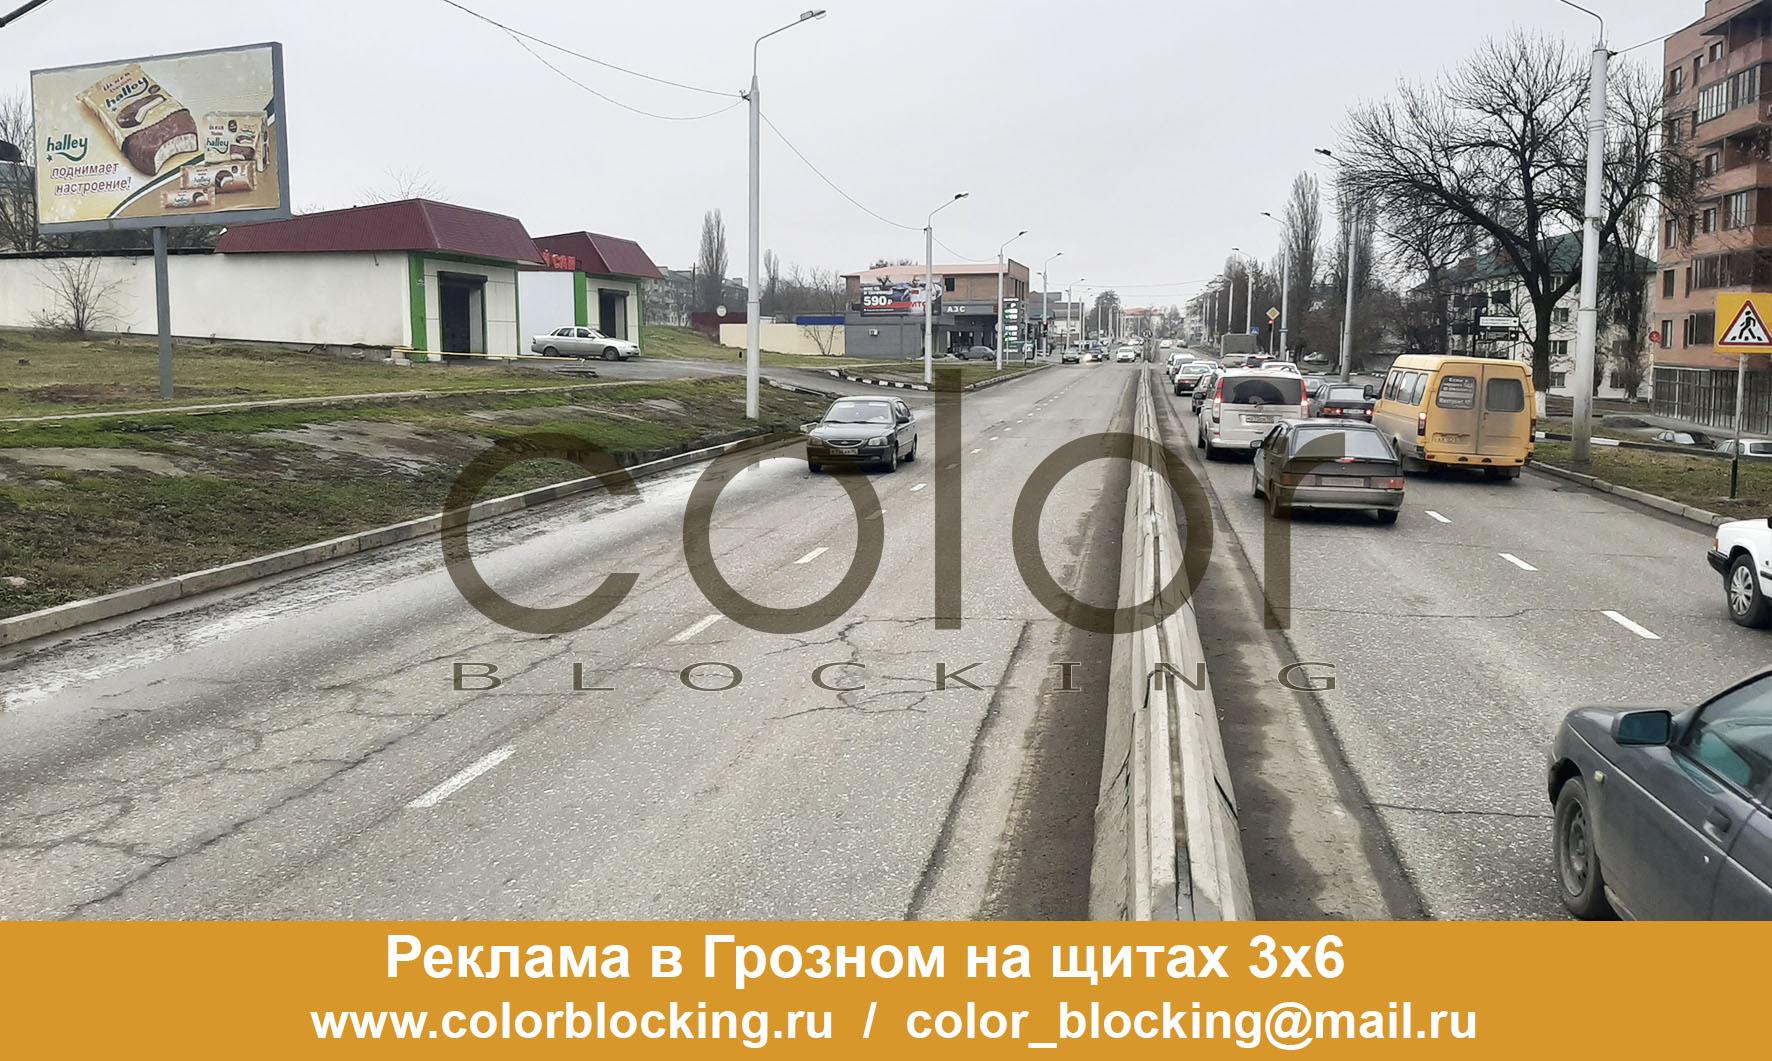 Реклама в Грозном на щитах 3х6 собственник